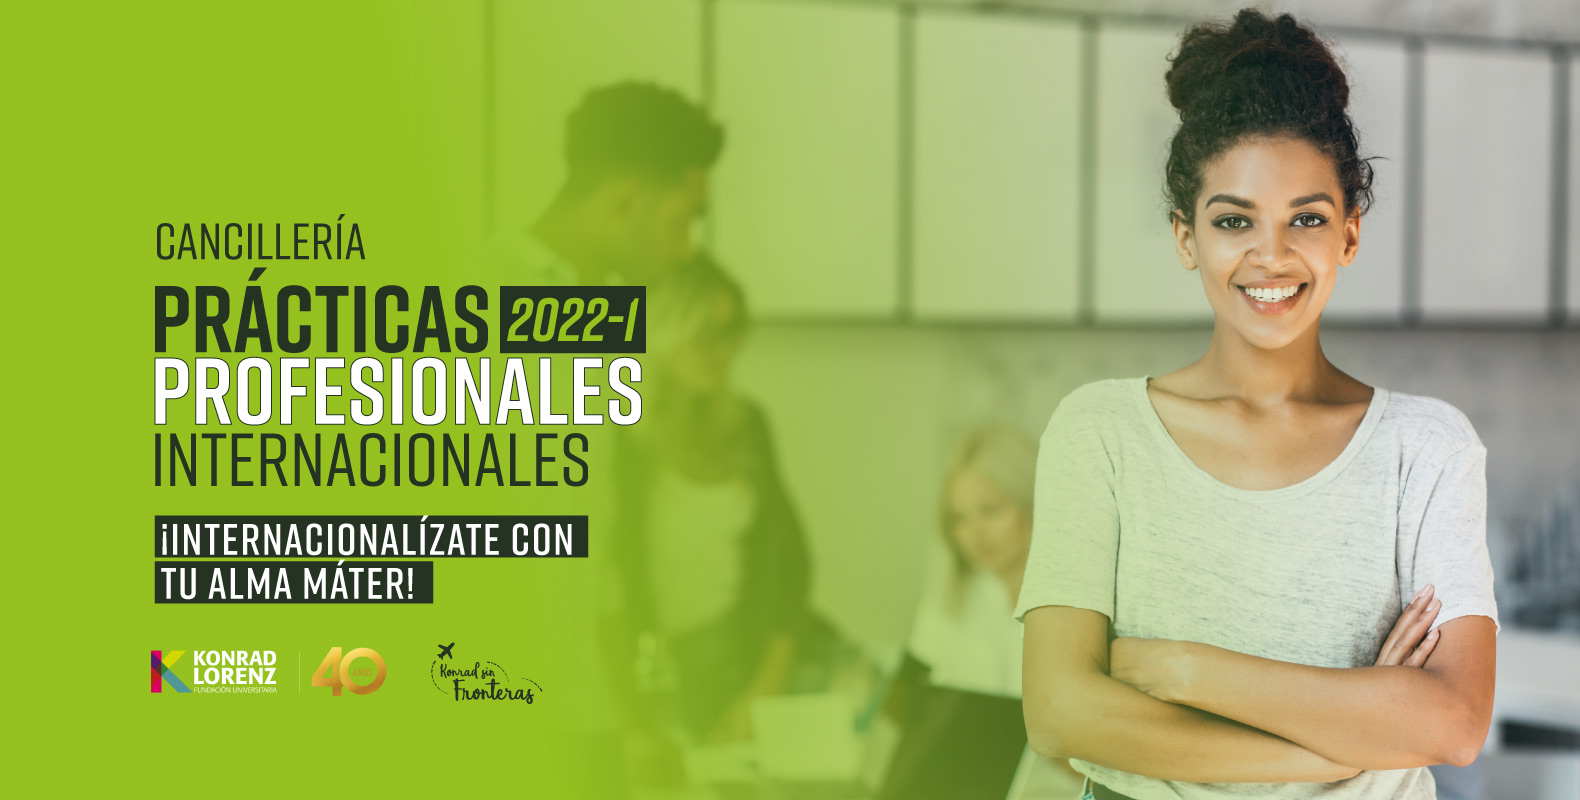 Cancillería: Prácticas Profesionales Internacionales 2022-1